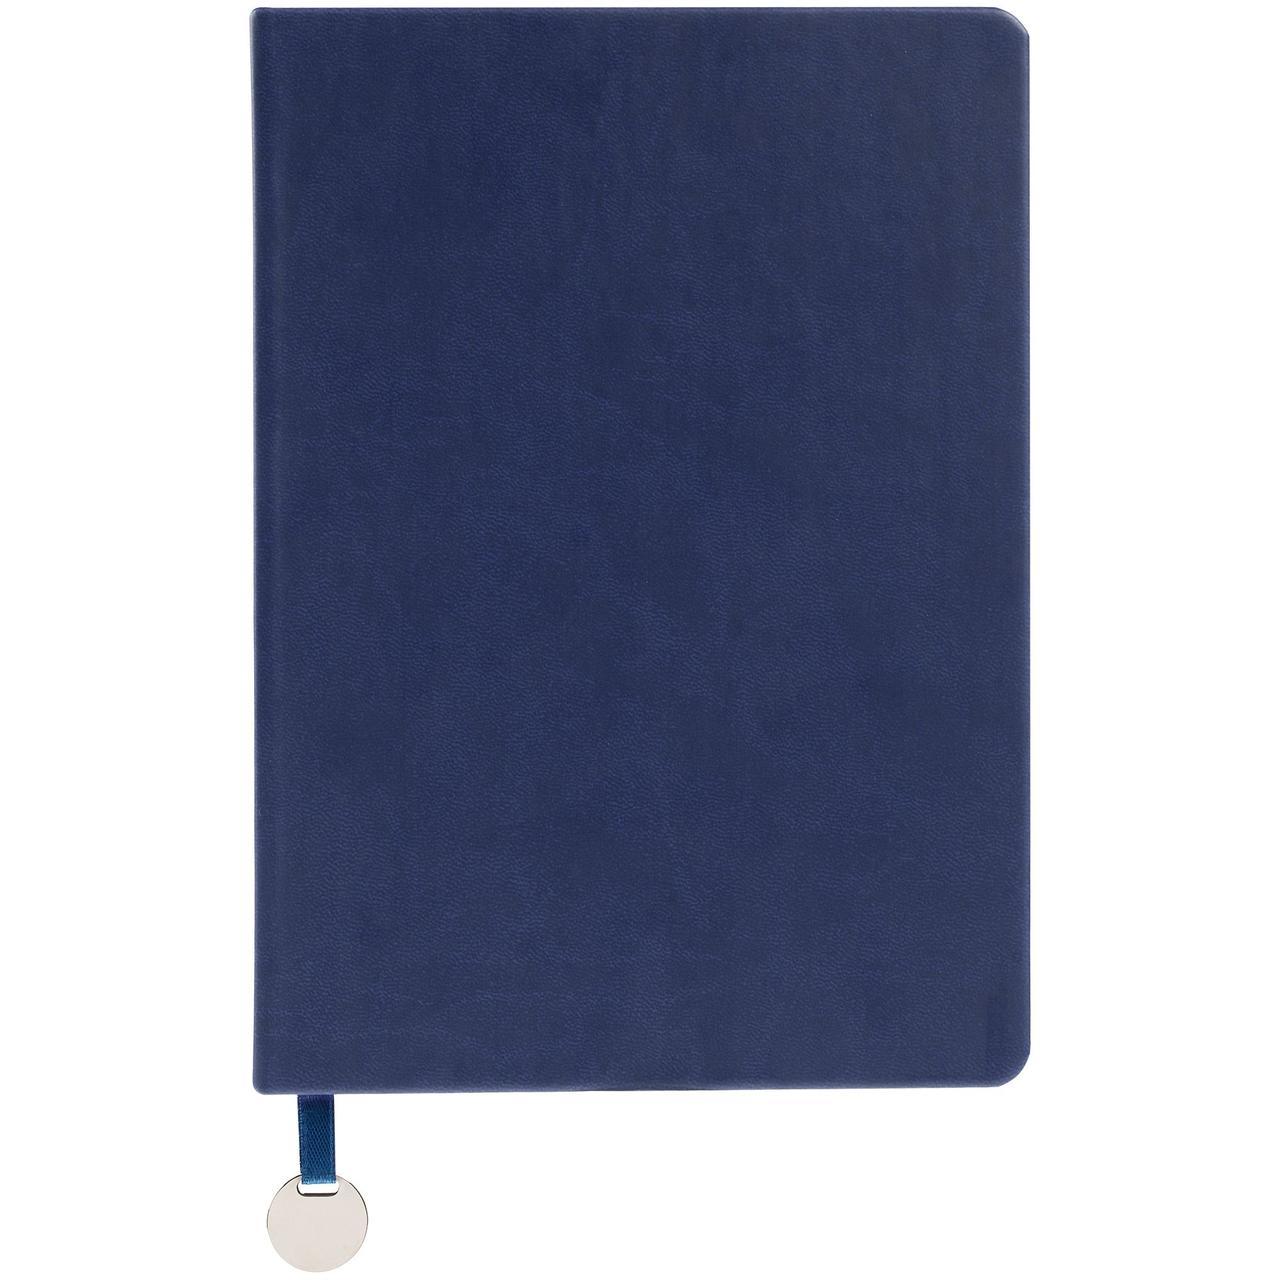 Ежедневник Exact, недатированный, темно-синий (артикул 7882.04)